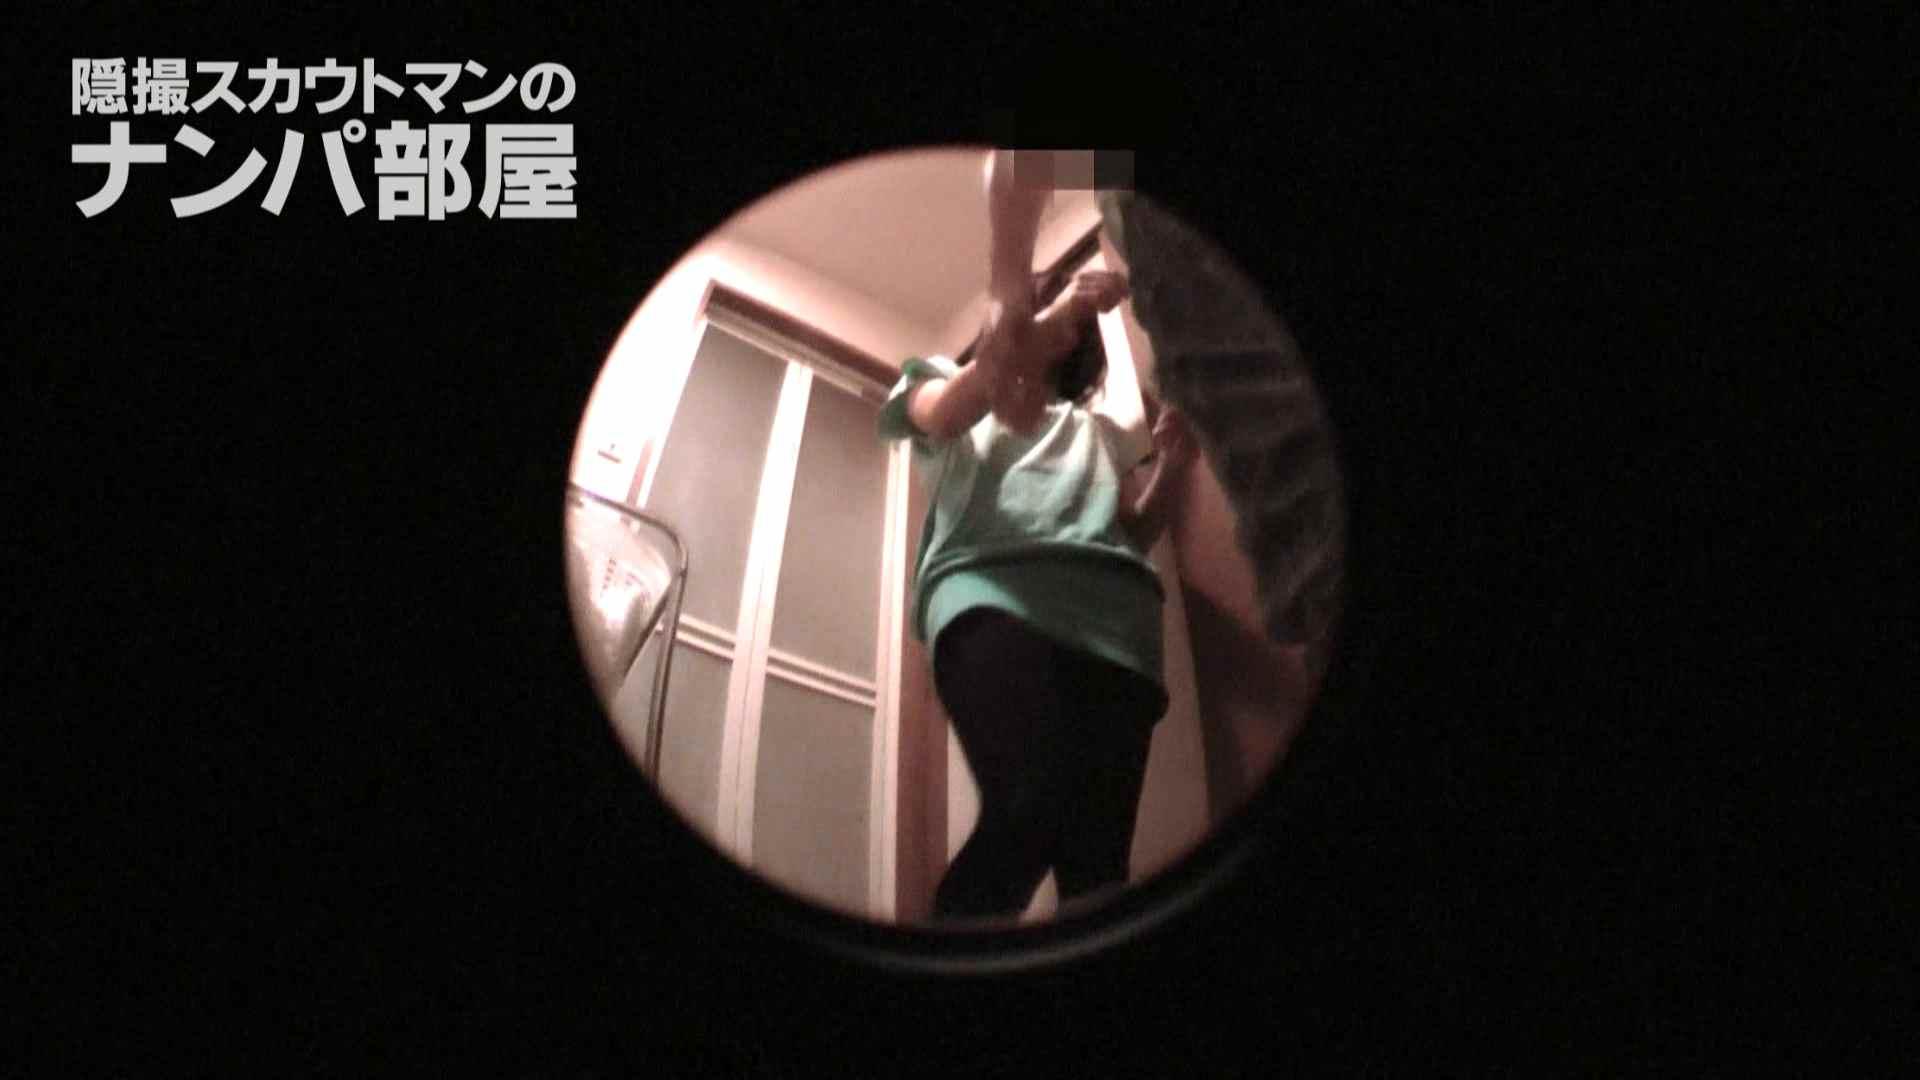 隠撮スカウトマンのナンパ部屋~風俗デビュー前のつまみ食い~ siivol.4 0 | 中出し  57PIX 16